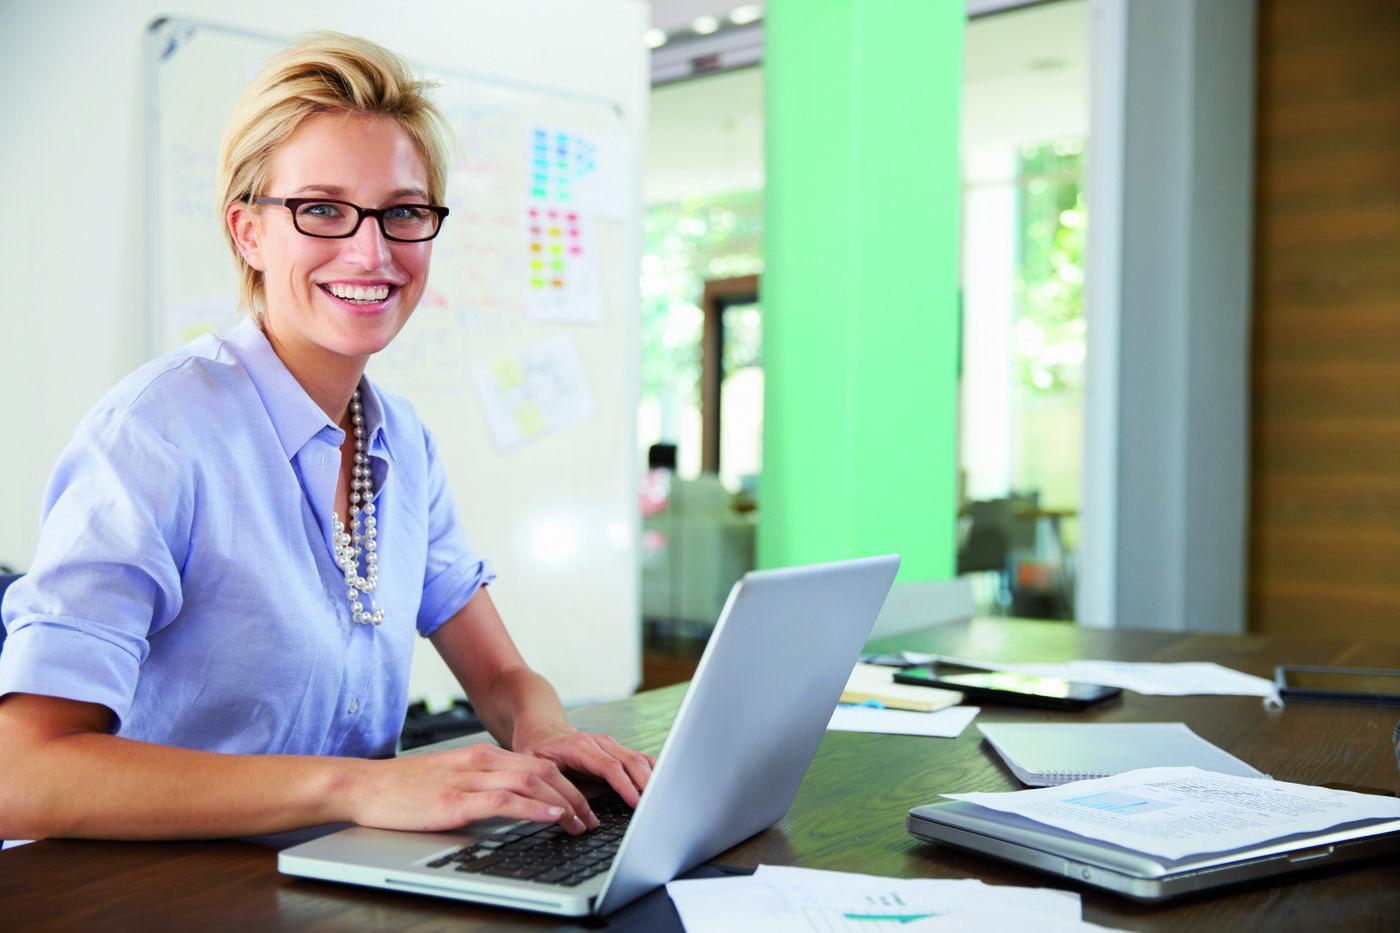 Call Center - Tagesmanager (w/m/d) - Job München - Stellenportal SHL Familie